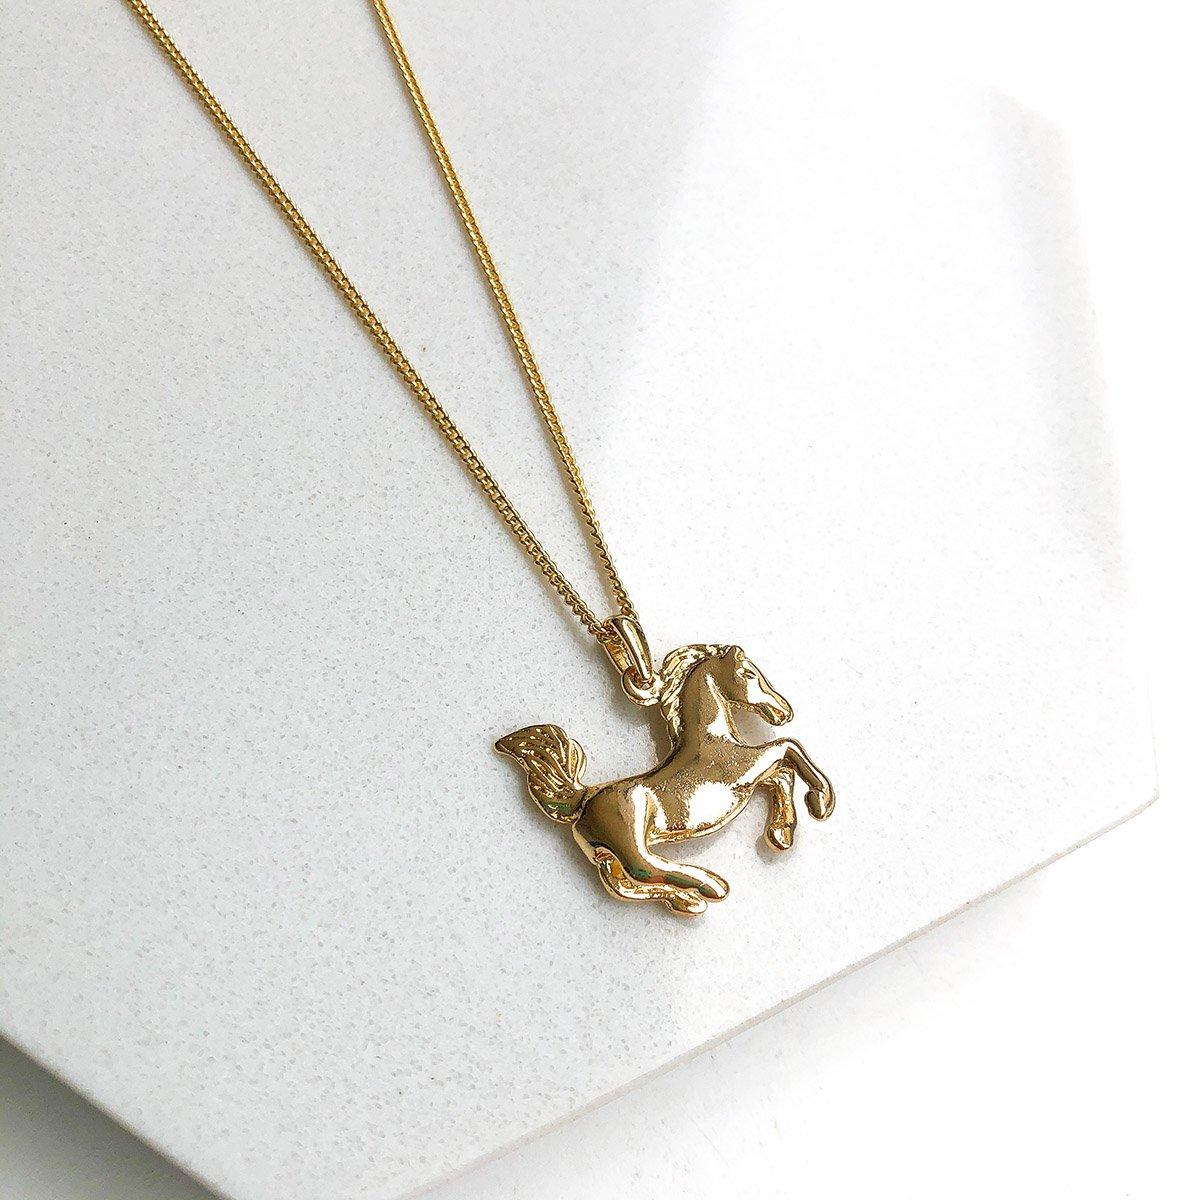 Colar Banhado a Ouro 18k com Pingente Cavalo